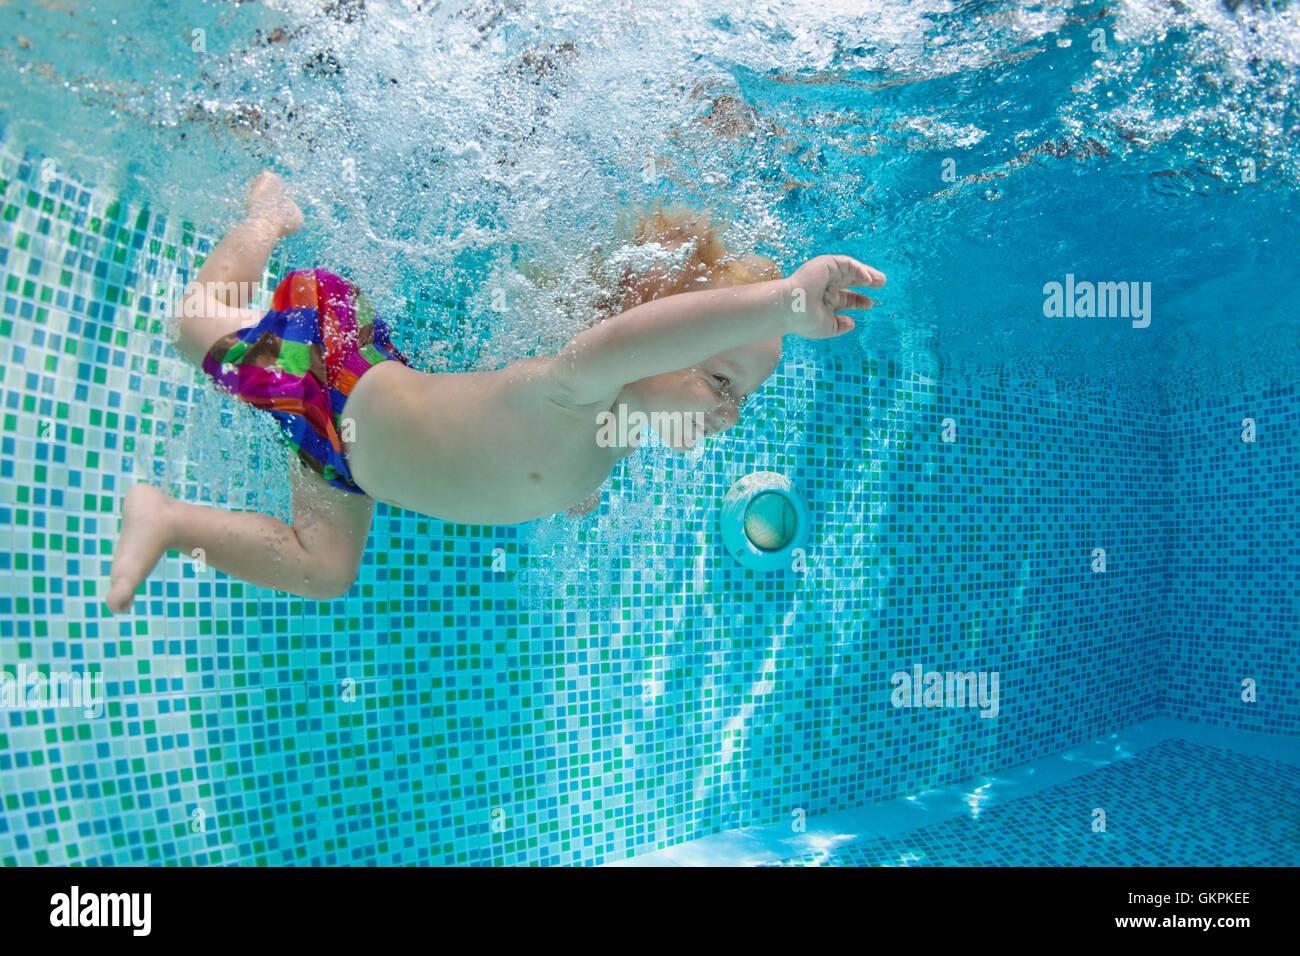 Funny photo de bébé actif natation, plongée en piscine avec plaisir, aller au plus profond avec des touches sous Banque D'Images